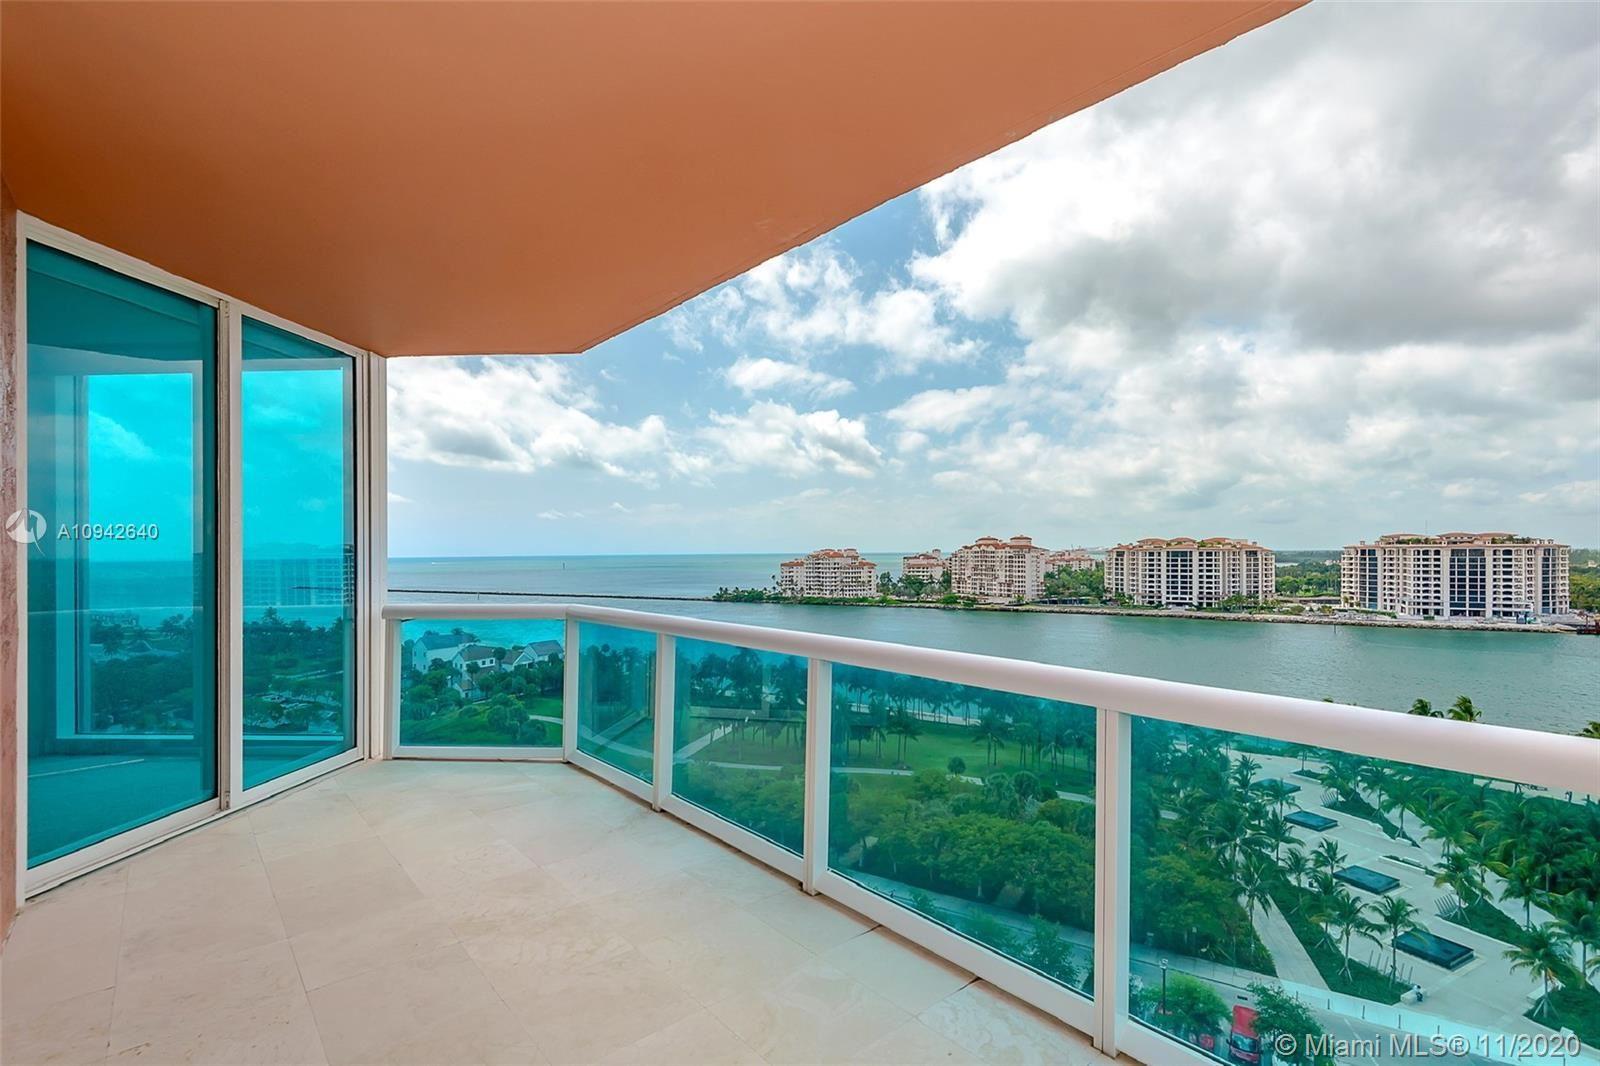 300 S Pointe Dr #1203, Miami Beach, FL 33139 - #: A10942640